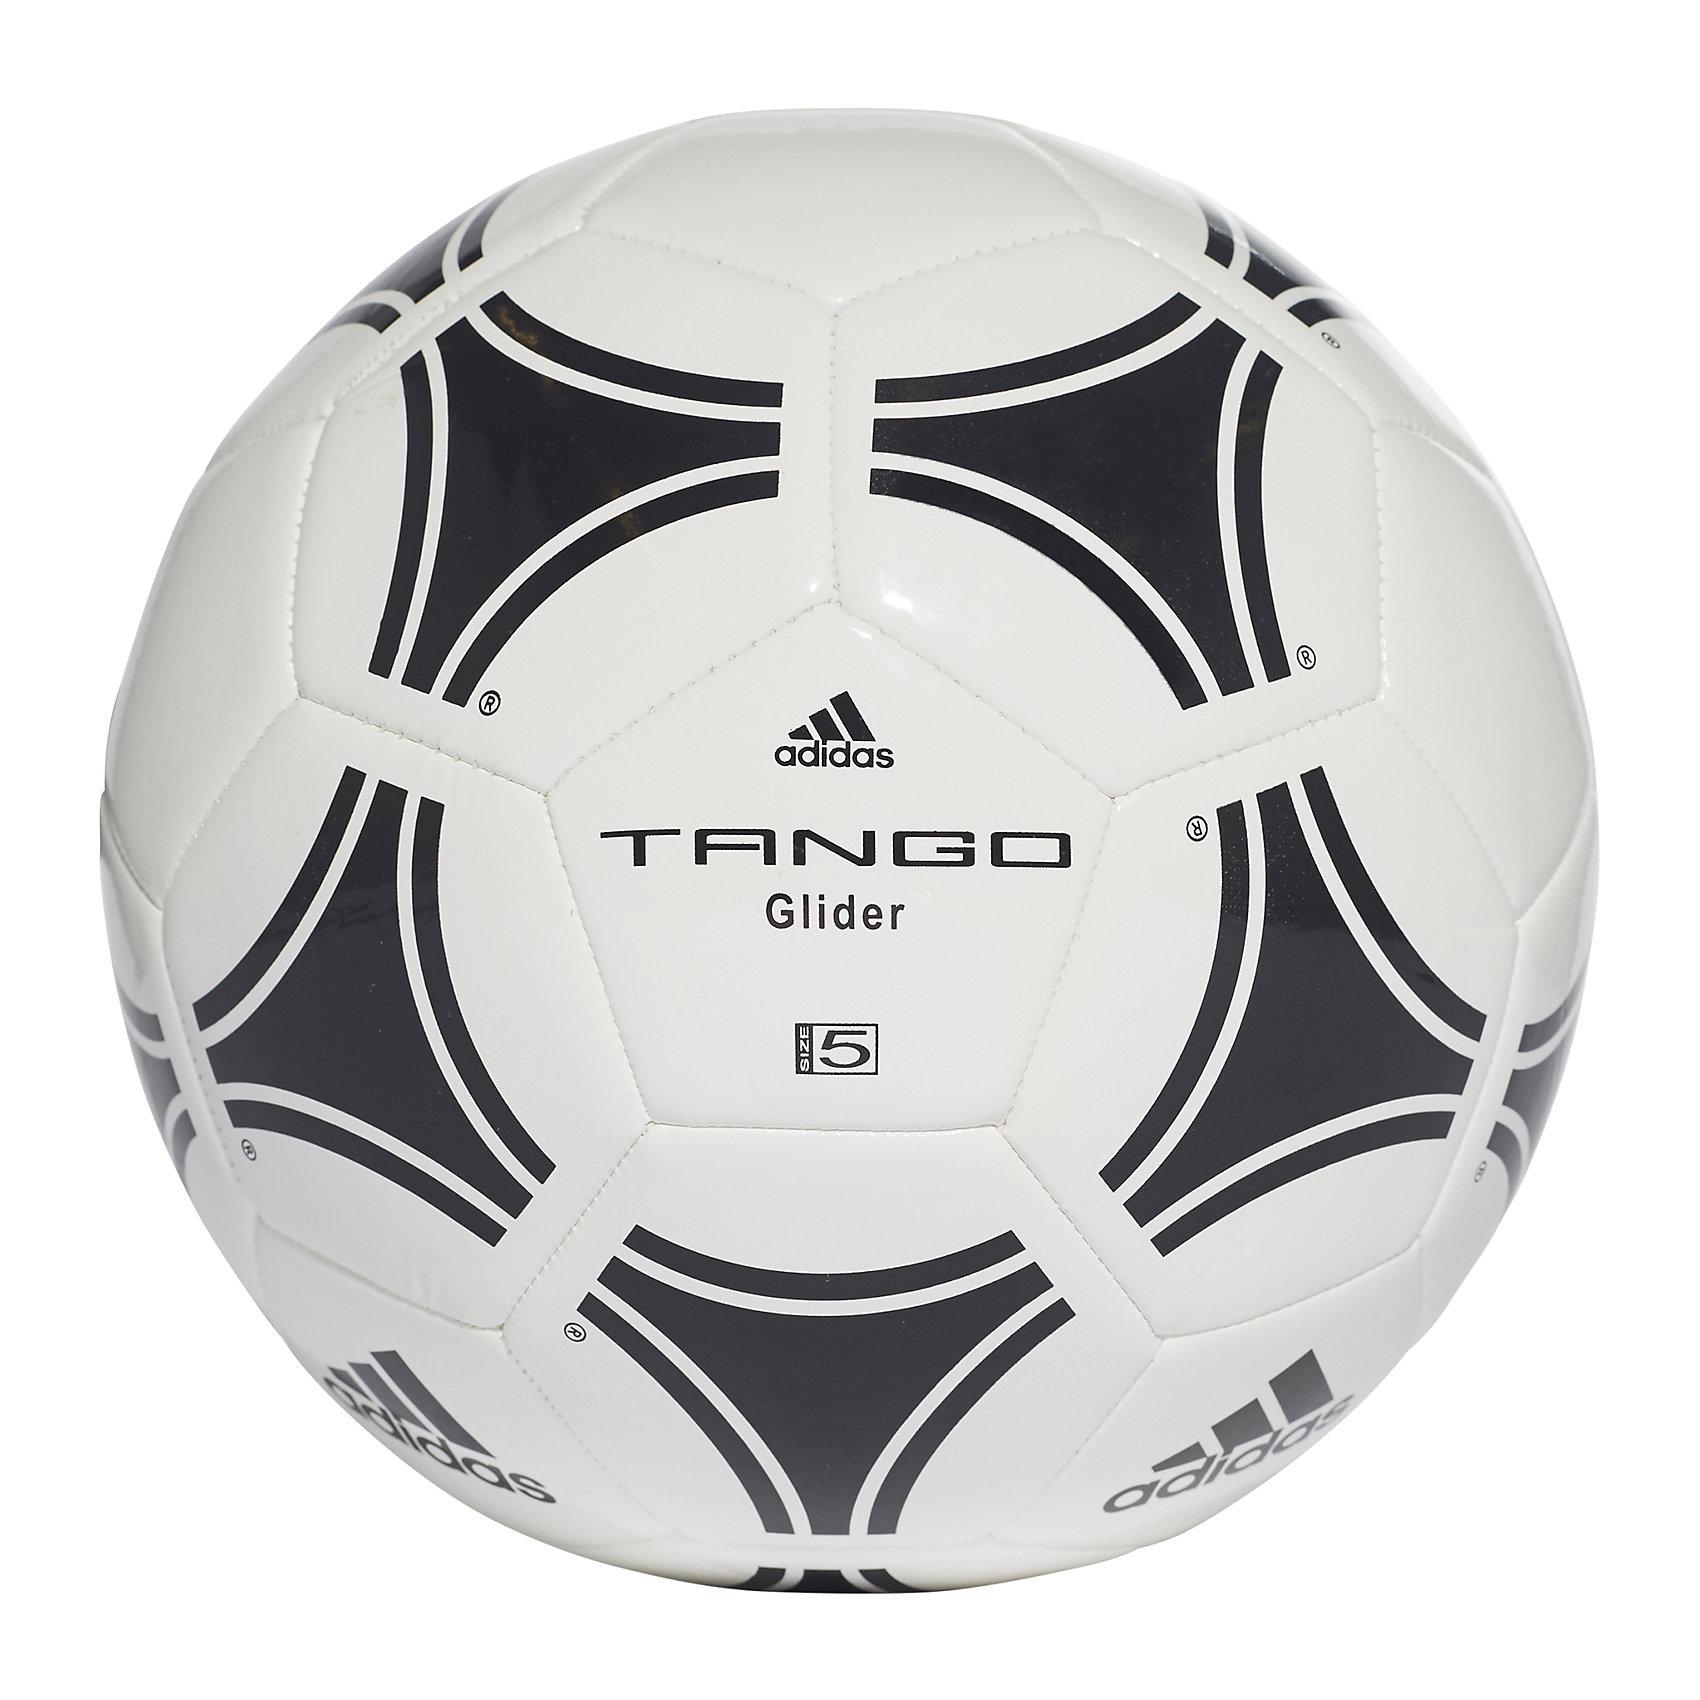 Футбольный мяч ADIDAS Tango Glider р. 5, AdidasОсновные характеристики<br><br>Тип: футбольный<br>Размер: 5 <br>Окружность: 68-70см<br>Количество панелей: 32<br>Количество подкладочных слоев: 1<br>Вес: 430гр<br>Материалы камеры: бутиловая<br>Материал покрышки: синтетическая кожа (термополиуретан)<br>Тип соединения панелей: машинная сшивка<br>Цвет основной: белый<br>Цвет дополнительный: черый<br>Вид применения: любительский уровень игры в футбол<br>Подходит для игры на газоне<br>Страна-производитель: Пакистан<br>Упаковка: полиэтиленовый пакет со стикером (поставляется в сдутом виде)<br><br>С этим мячом Вы сможете отрабатывать пасы, оттачивать технику владения мячом, забивать красивые голы - этот тренировочный мяч поможет Вам достичь новых высот в любимом виде спорта. <br>Футбольный мяч Adidas Tango Glider выделяется среди других моделей мячей своей высокой износоустойчивостью и долговечностью.<br><br>Ширина мм: 220<br>Глубина мм: 220<br>Высота мм: 75<br>Вес г: 430<br>Возраст от месяцев: 36<br>Возраст до месяцев: 192<br>Пол: Унисекс<br>Возраст: Детский<br>SKU: 5056646